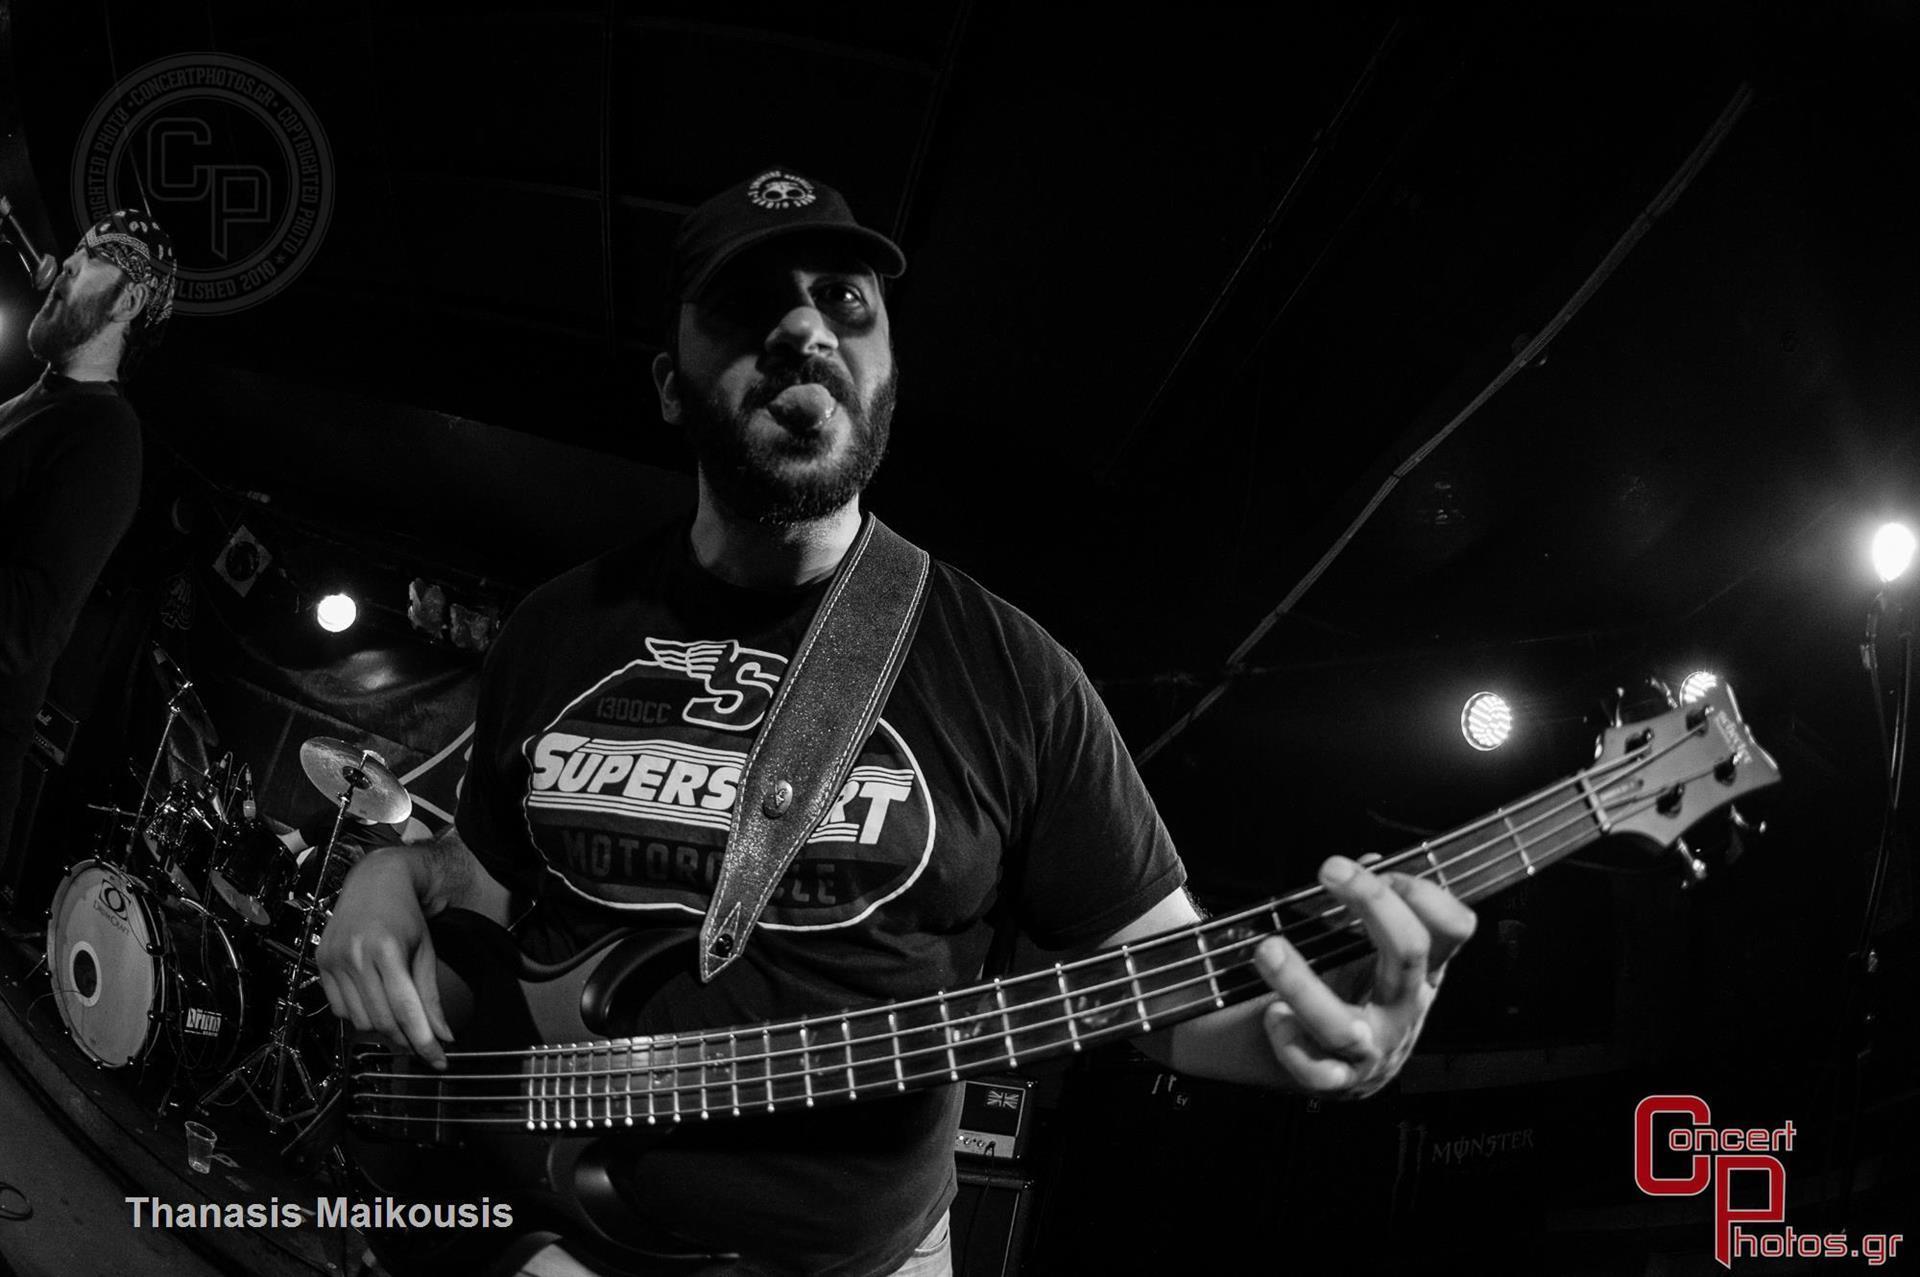 Battle Of The Bands Leg 5-Battle Of The Bands Leg 4 photographer: Thanasis Maikousis - ConcertPhotos - 20150315_2204_08